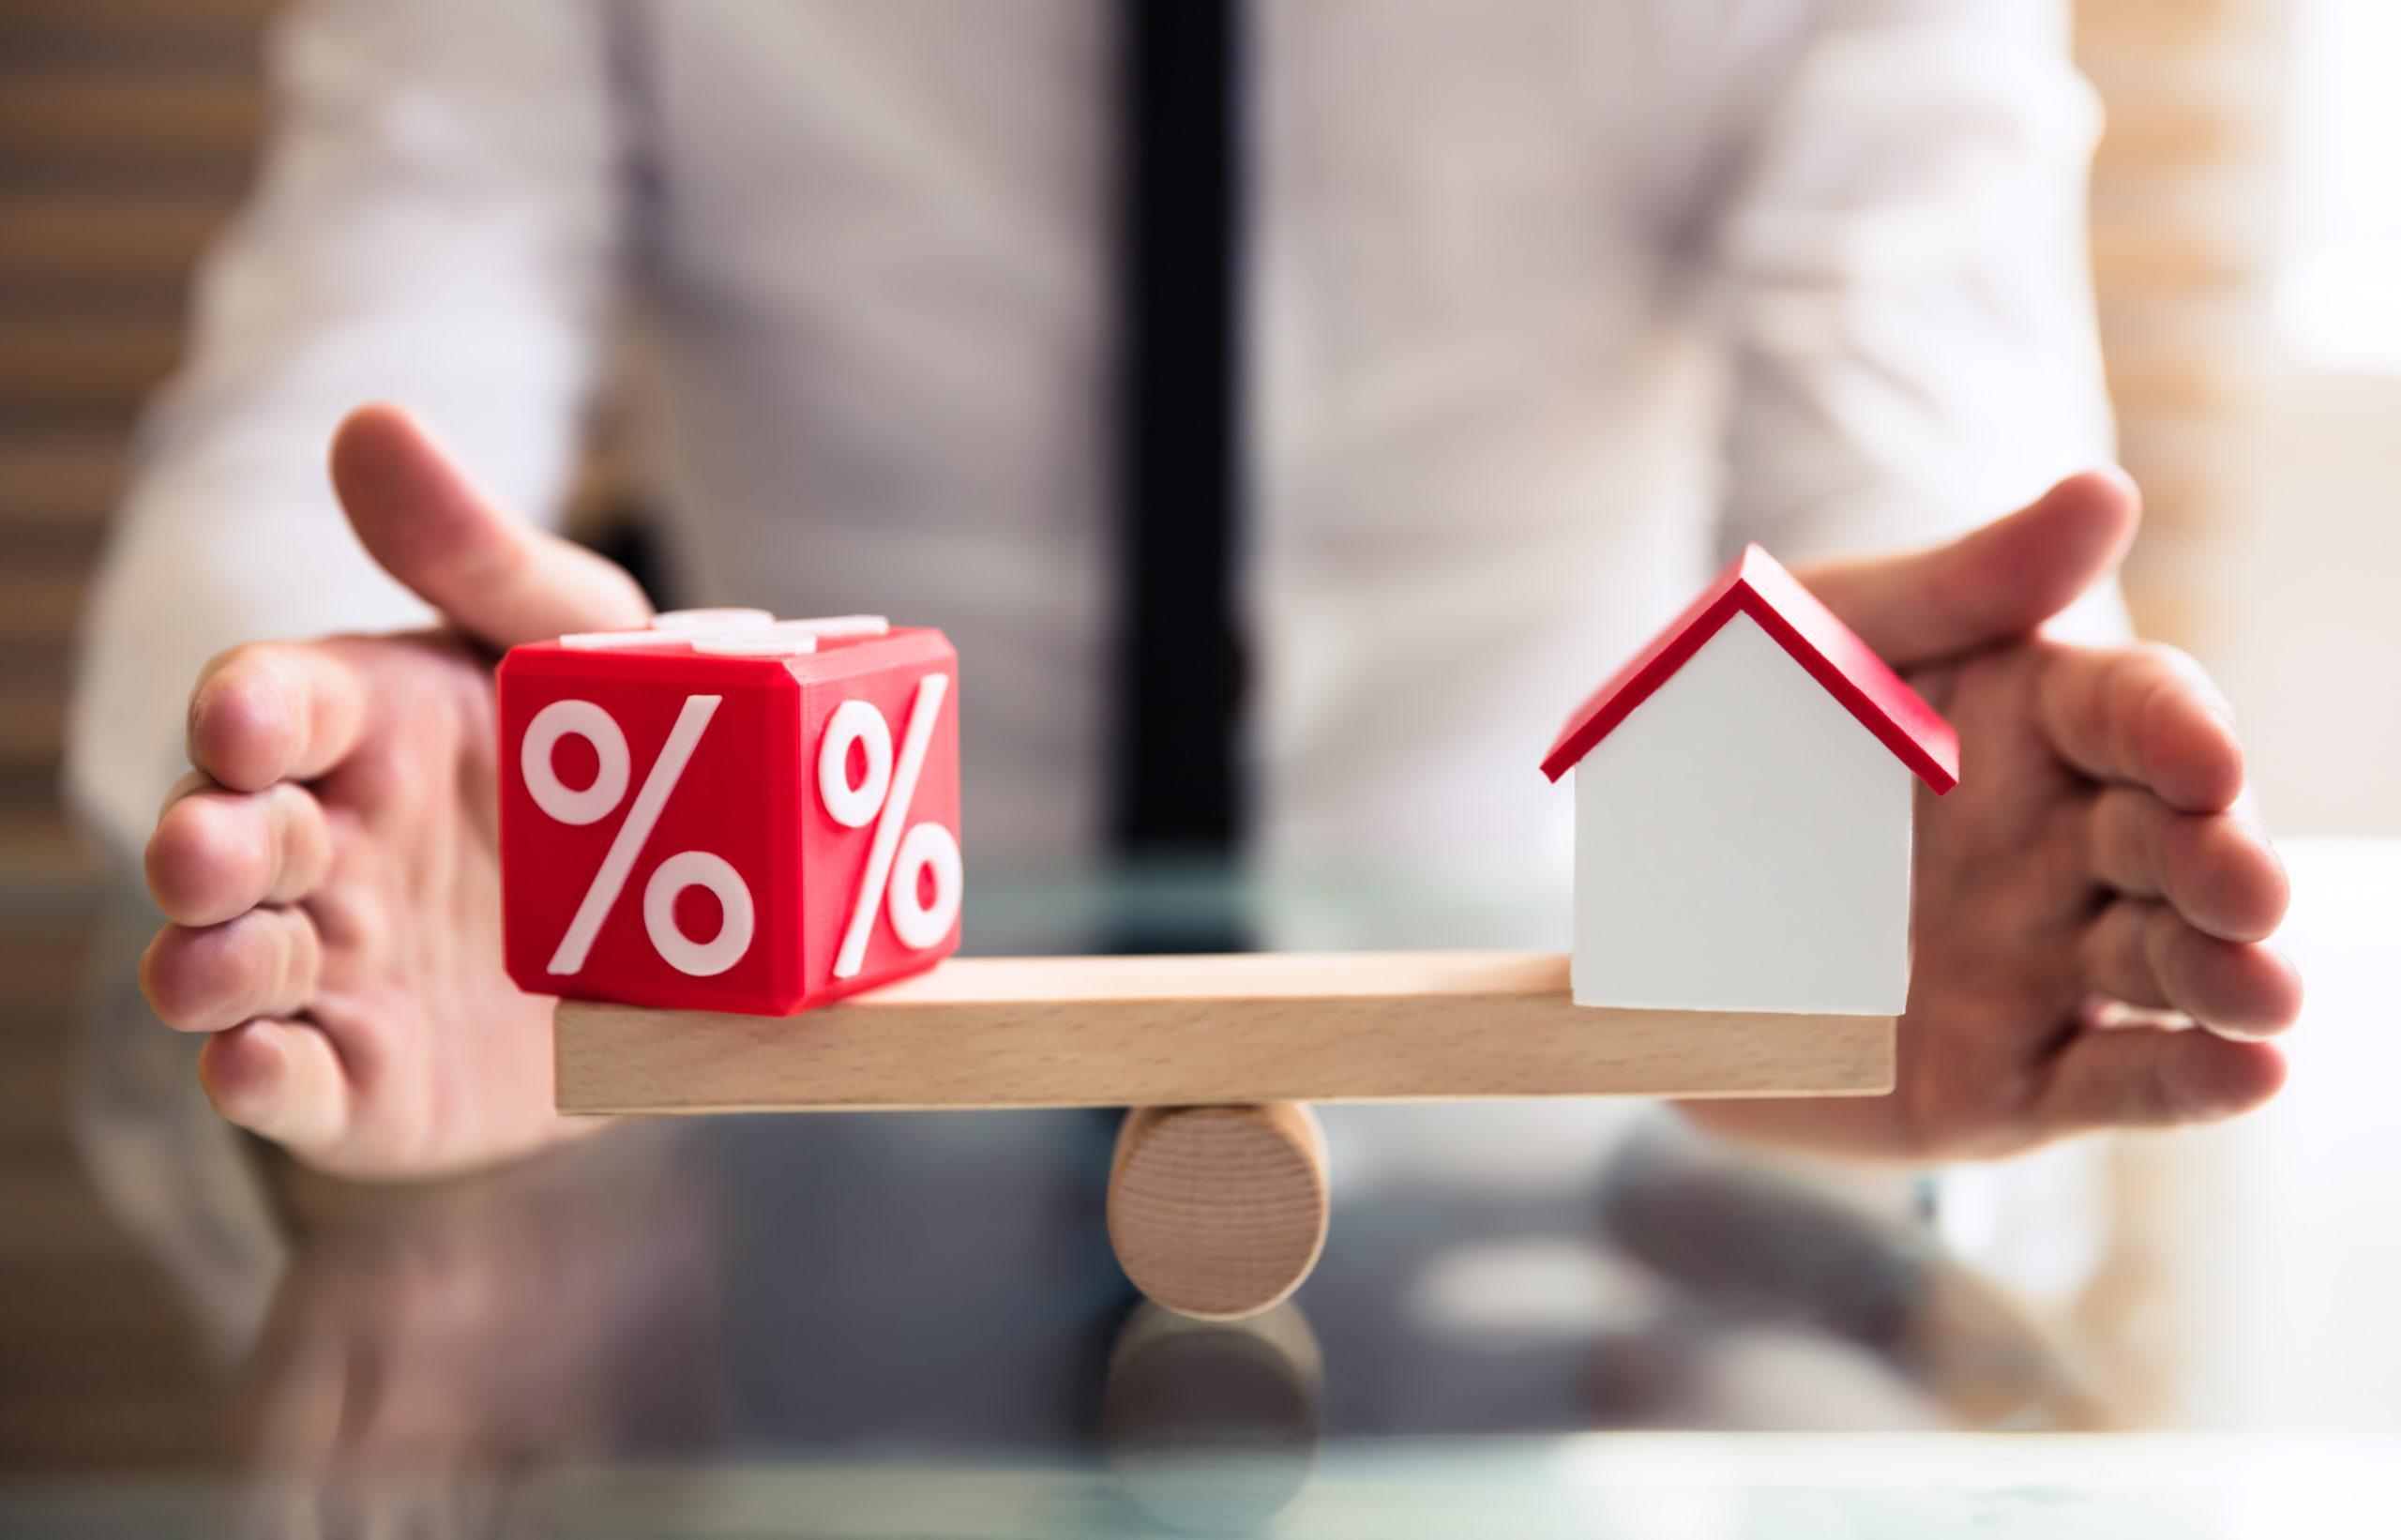 ВТБ пилотирует онлайн-рефинансирование ипотеки - новости Афанасий